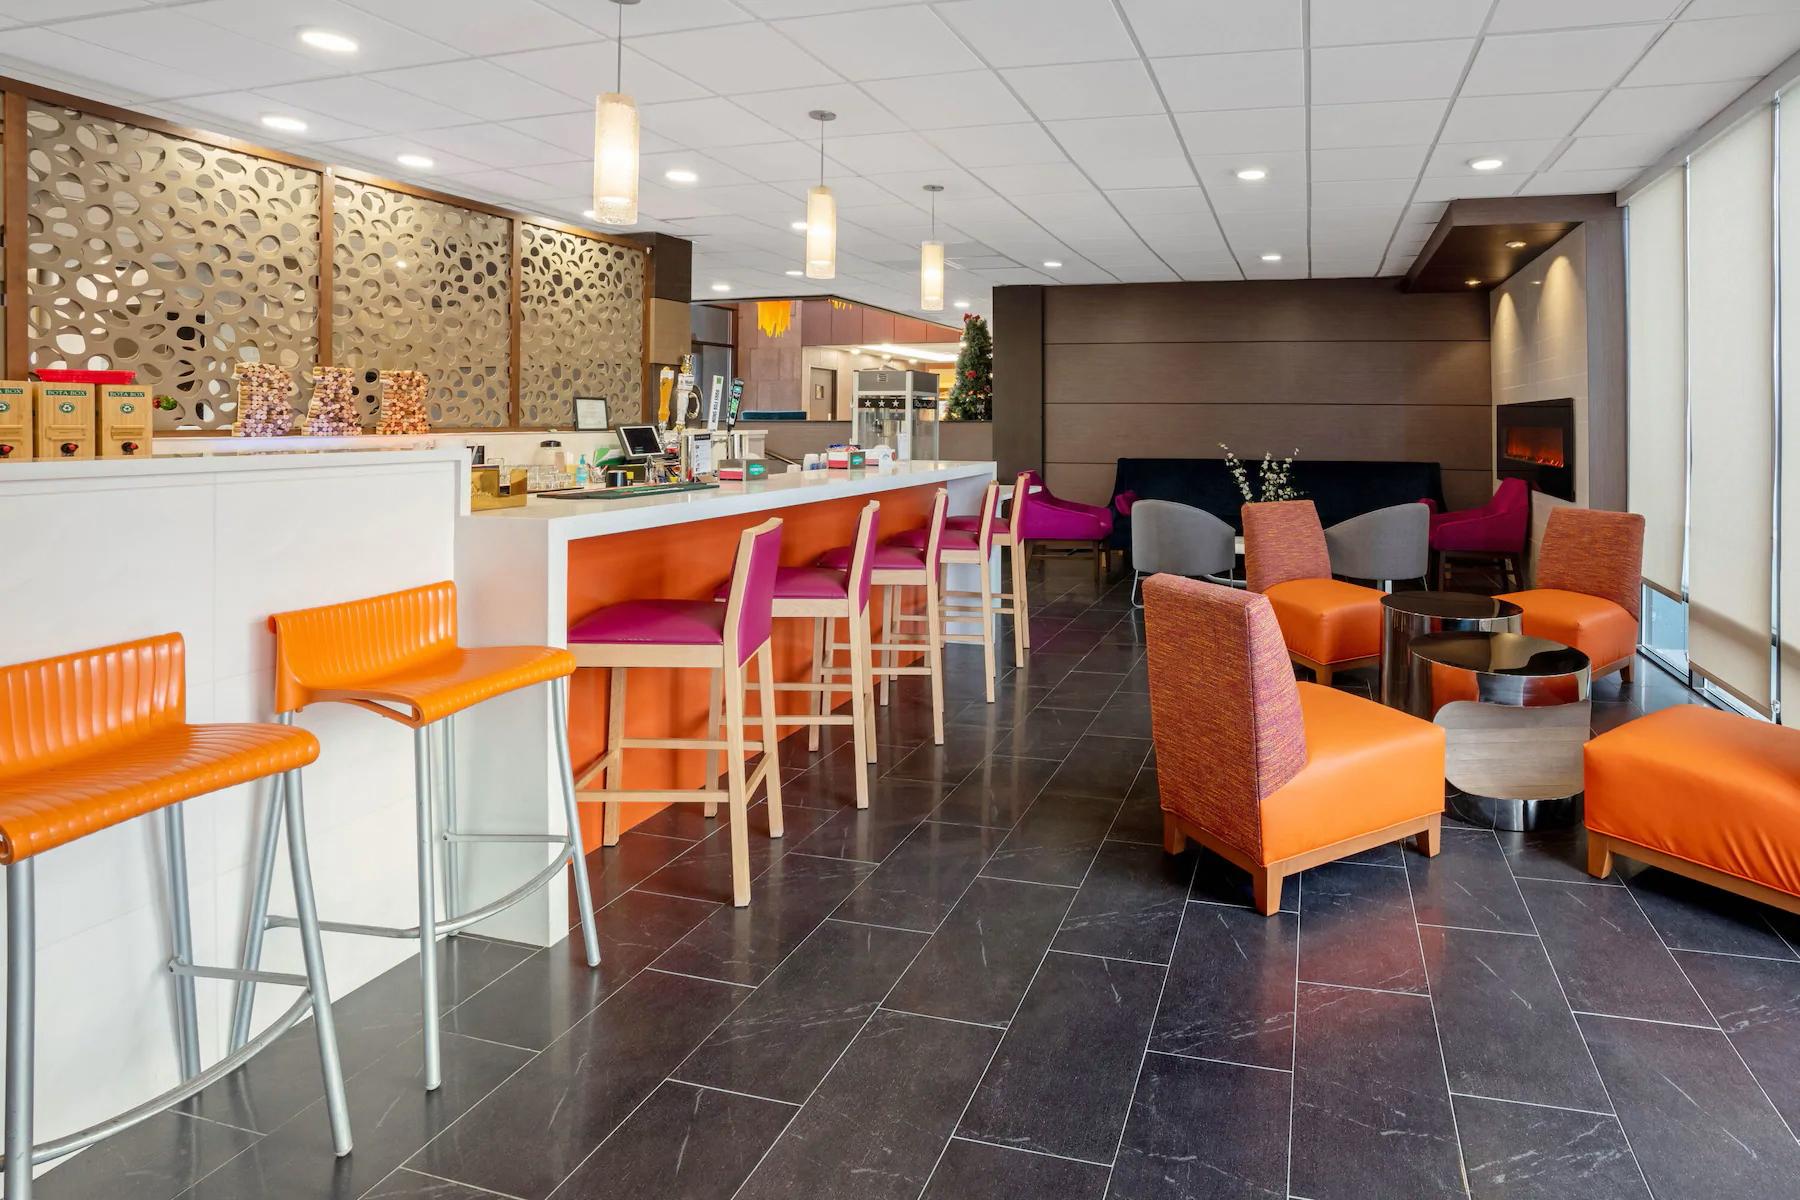 https://www.hotelsbyday.com/_data/default-hotel_image/4/23718/lounge.png